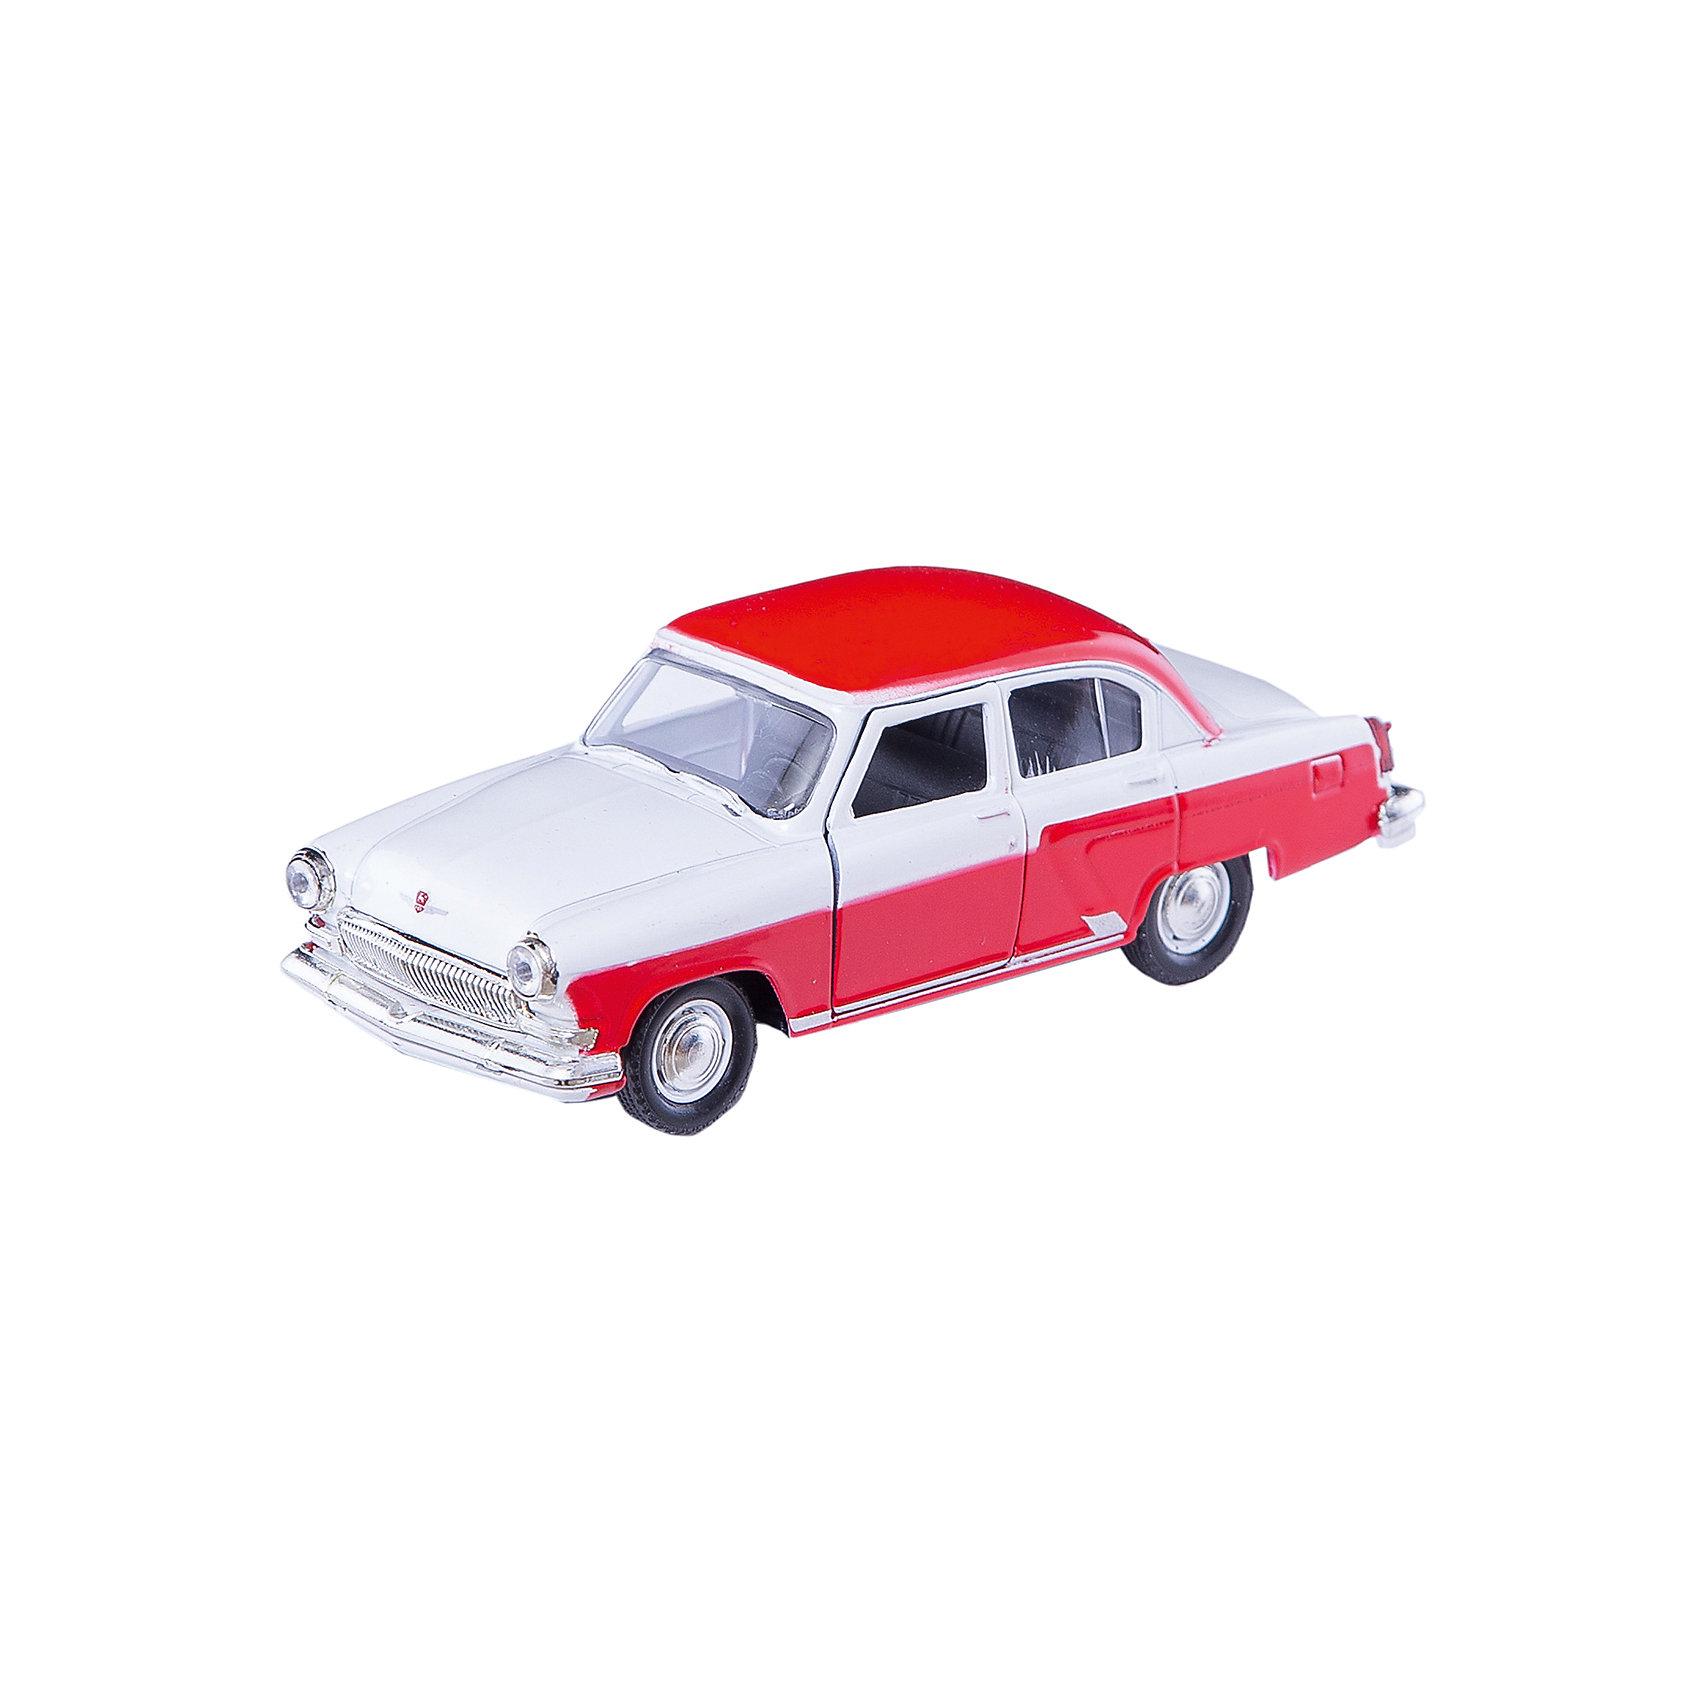 Машинка ГАЗ-21 Волга двухцветная 1:43, AutotimeМашинки<br>Характеристики товара:<br><br>• цвет: красно-белый<br>• материал: металл, пластик<br>• размер: 16х7,5х5,7 см<br>• вес: 100 г<br>• масштаб: 1:43<br>• прочный материал<br>• хорошая детализация<br>• открываются двери<br>• вращаются колеса<br>• коллекционная<br>• страна бренда: Россия<br>• страна производства: Китай<br><br>Металлическая машинка ГАЗ-21 Волга от бренда AUTOTIME придется по душе мальчикам. Это идеальный подарок для ценителя и коллекционера автомобилей, которые выполнены с подробной детализацией. Игрушка является настоящей копией машины «Волга». Двери машинки открываются свободно, колеса вращаются. Поэтому она может стать и частью коллекции, и выступать отдельной игрушкой.<br><br>Машинка может выполнять сразу несколько функций: развлекать ребенка, помогать вырабатывать практические качества: ловкость, координацию, мелкую моторику. Также в процессе увлекательной игры развивается фантазия ребенка. Изделие выполнено из сертифицированных материалов, безопасных для детей.<br><br>Машинку ГАЗ-21 Волга двухцветная от бренда AUTOTIME можно купить в нашем интернет-магазине.<br><br>Ширина мм: 165<br>Глубина мм: 57<br>Высота мм: 75<br>Вес г: 13<br>Возраст от месяцев: 36<br>Возраст до месяцев: 2147483647<br>Пол: Мужской<br>Возраст: Детский<br>SKU: 5583963